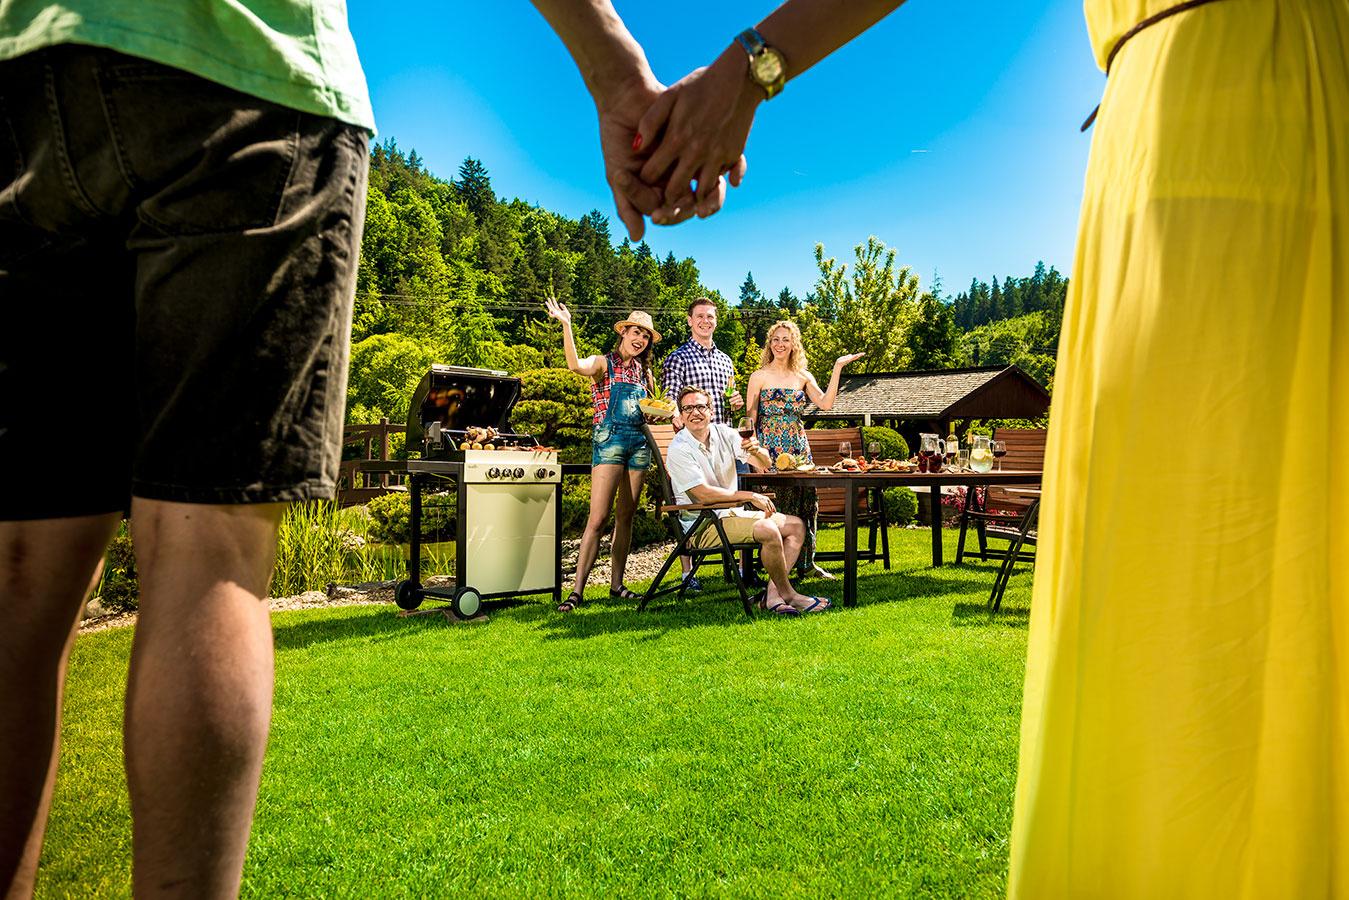 Záhradná slávnosť sa nezaobíde bez kvalitného a pohodlného posedenia a sofistikovaného plynového grilu americkej značky Char-Broil na prípravu gurmánskych špecialít. Pozvite svojich priateľov.